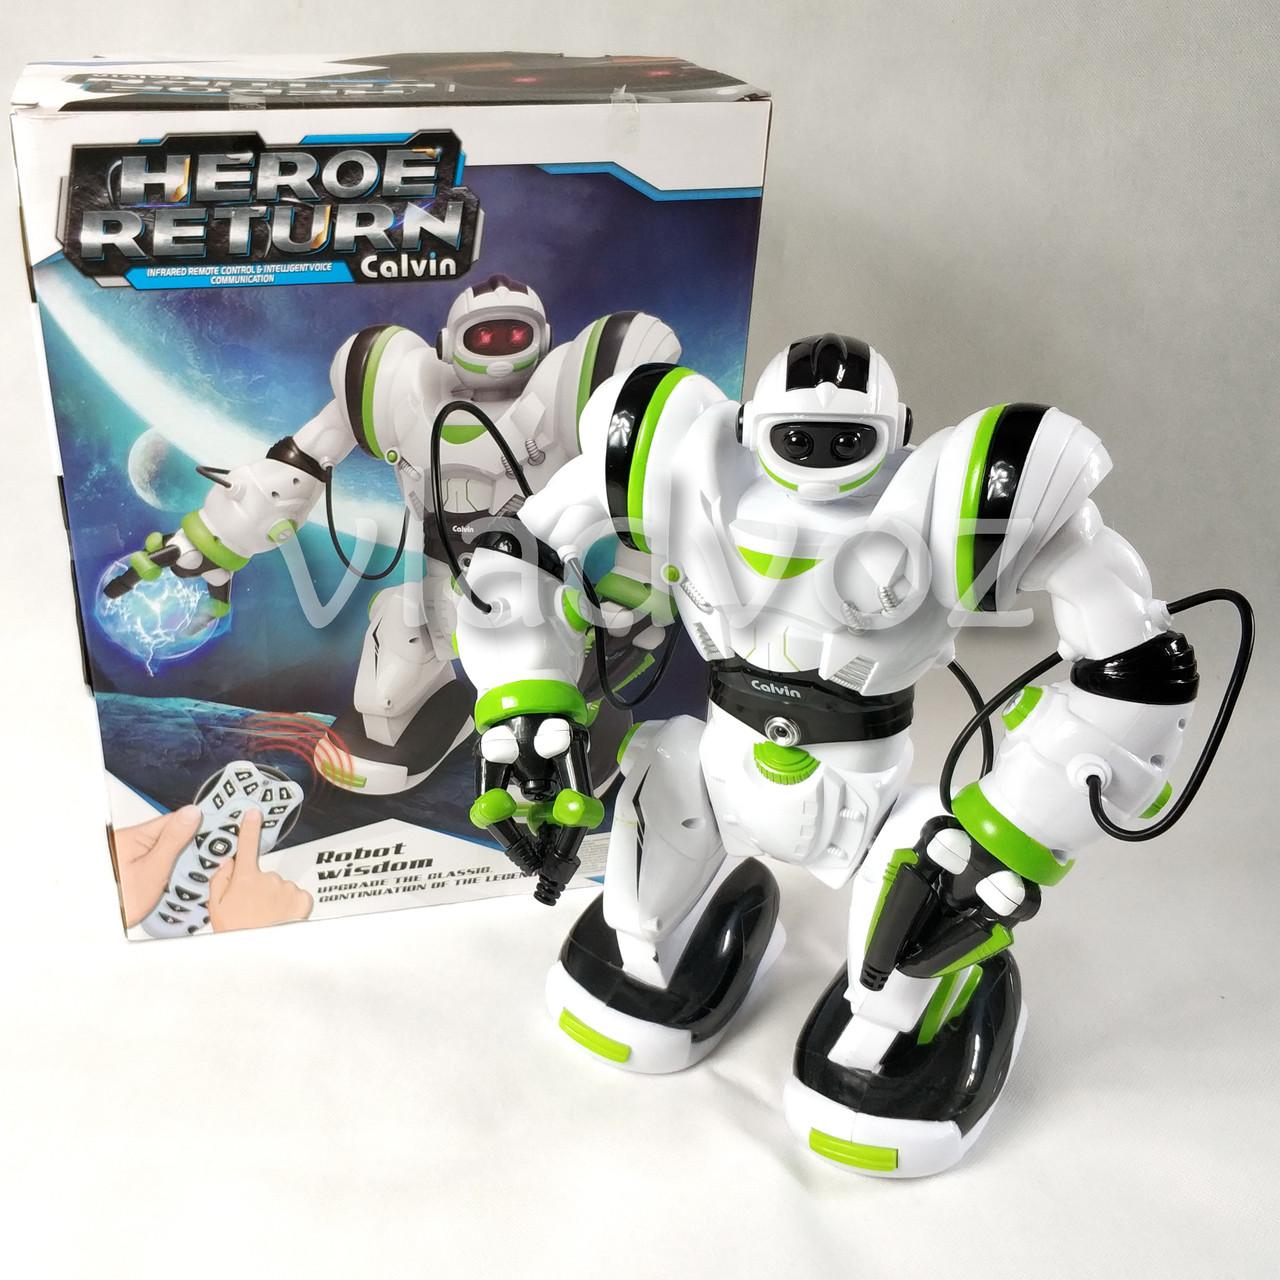 Робот на пульті управління радіокерована іграшка на акумуляторах Robowisdom білий з салатовим - фото 1